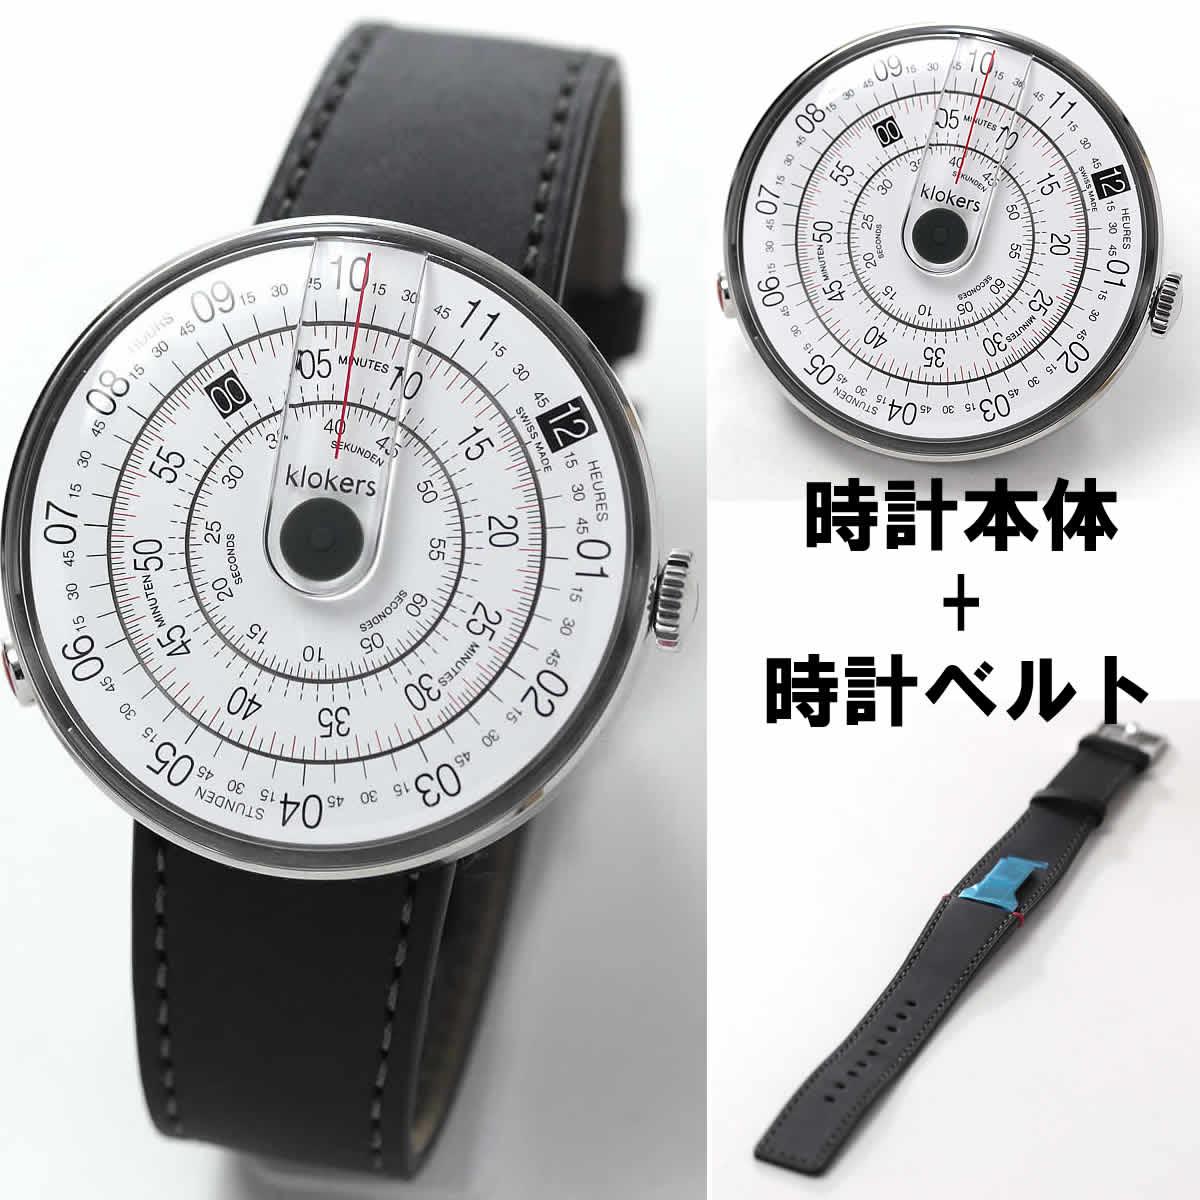 こちらはklokers(クロッカーズ)KLOK-01-D1 腕時計と アルカンターラオレンジのベルトをセットにしてお届けいたします。